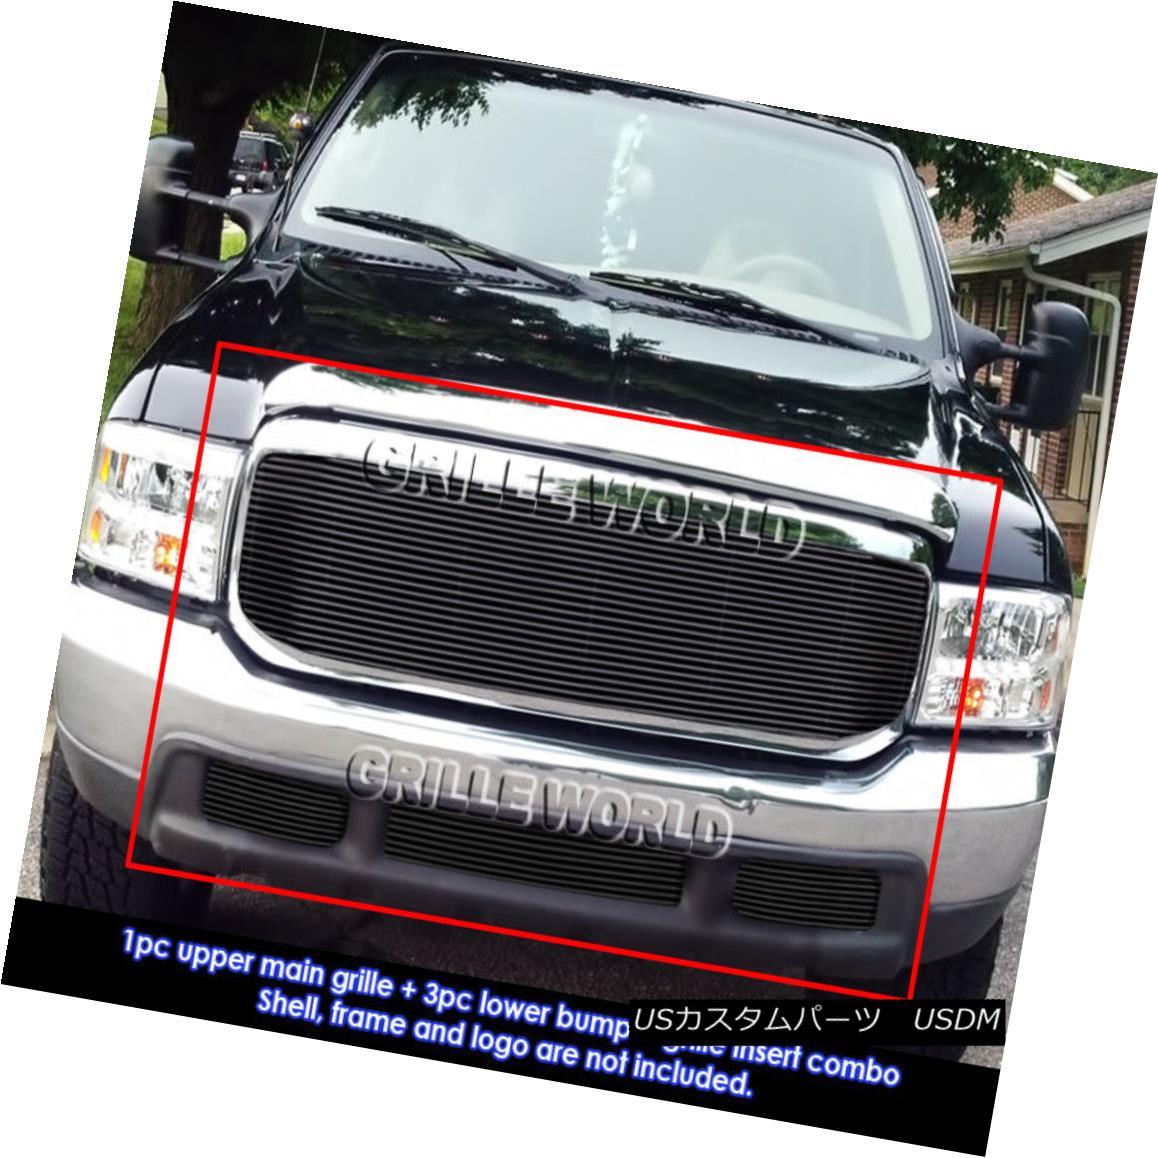 グリル Fits 99-04 Ford F-250/F-350 Super Duty Black Billet Grille Grill Combo Insert フィット99 - 04フォードF - 250 / F - 350スーパーデューティブラックビレットグリルグリルコンボインサート